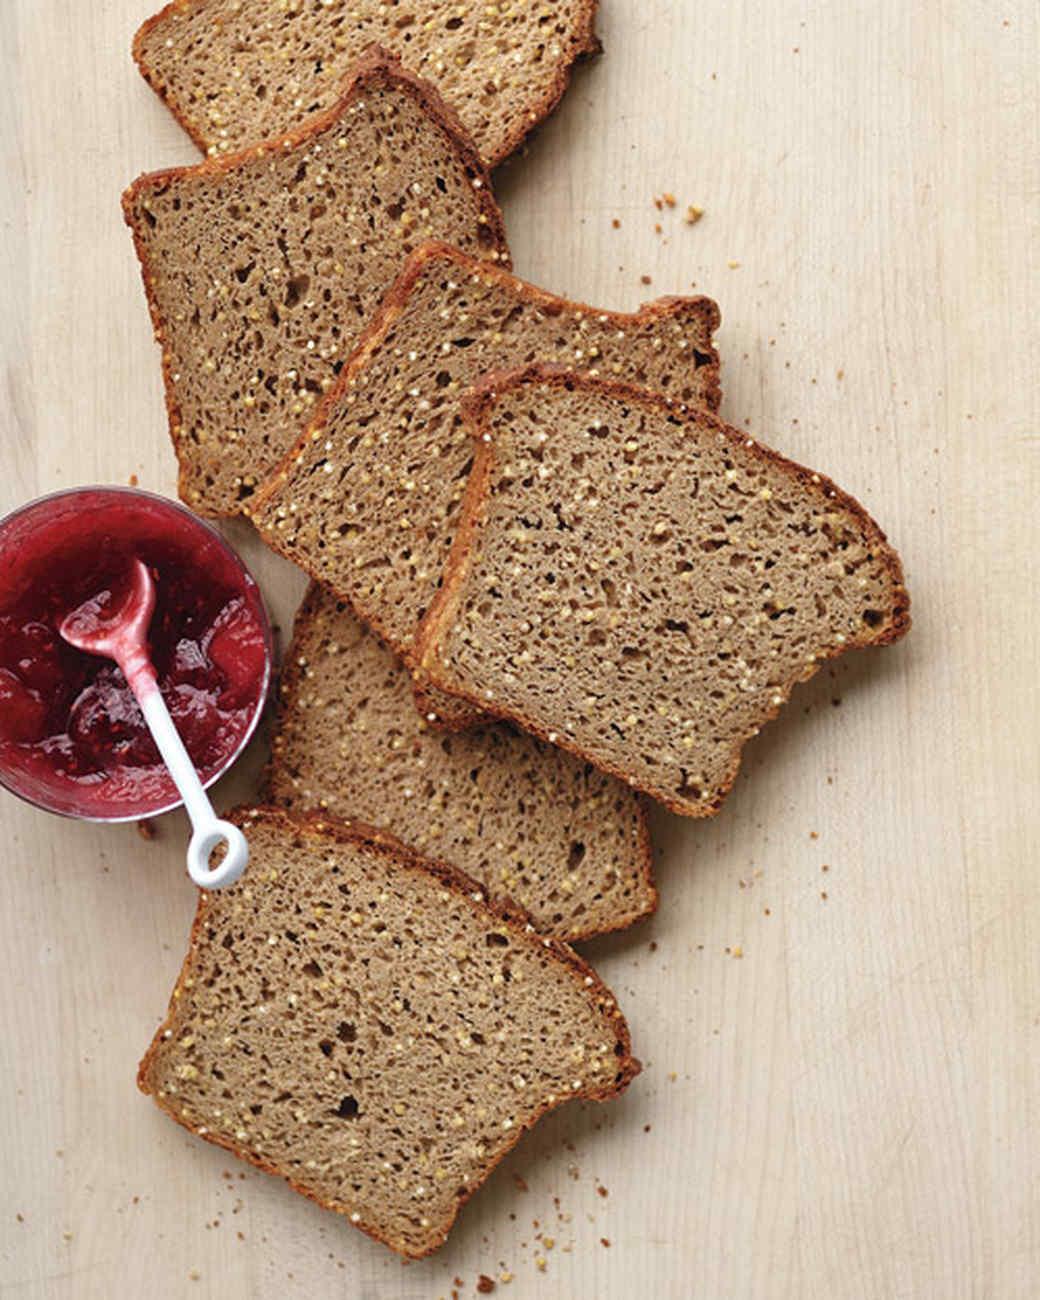 mbd1049_0909_glutenfree_bread_l.jpg